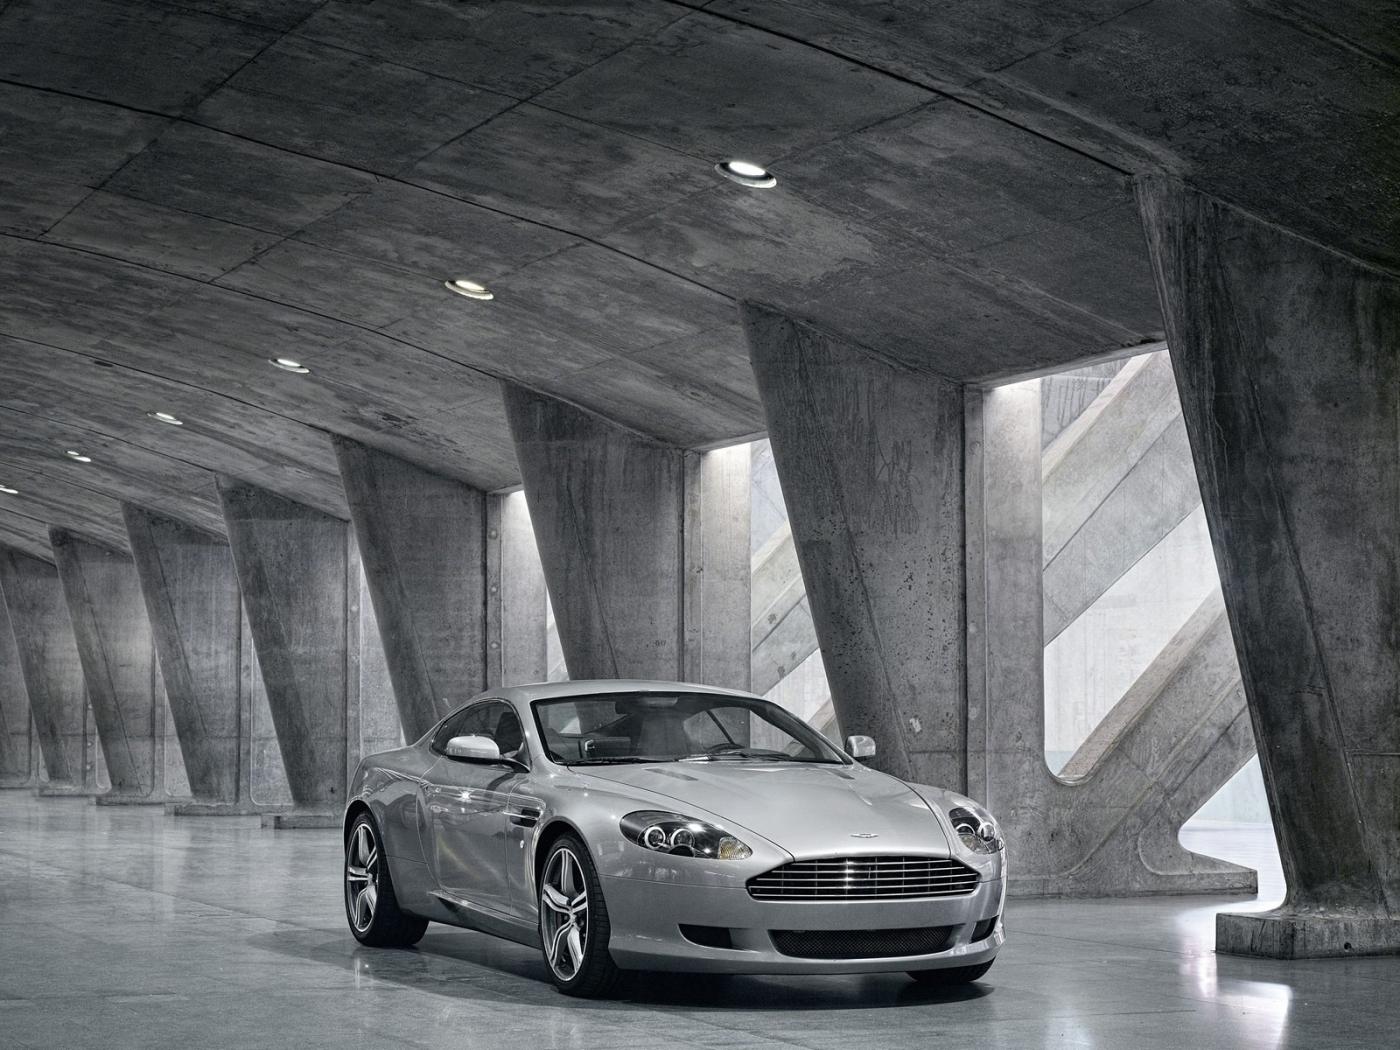 23491 скачать обои Транспорт, Машины, Астон Мартин (Aston Martin) - заставки и картинки бесплатно